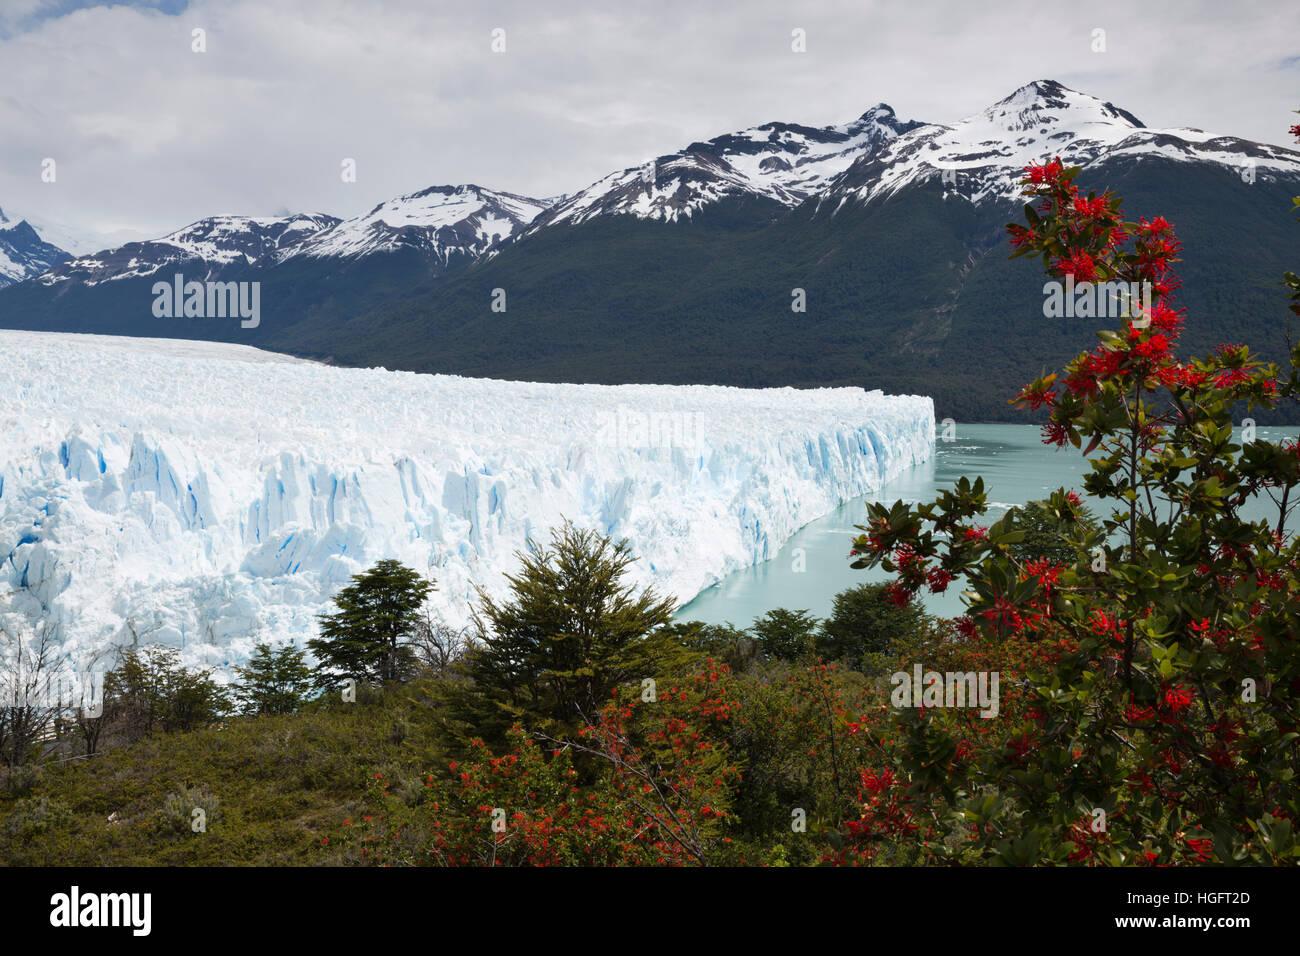 Perito Moreno-Gletscher am Lago Argentino, El Calafate, Parque Nacional Los Glaciares, Patagonien, Argentinien, Südamerika Stockfoto